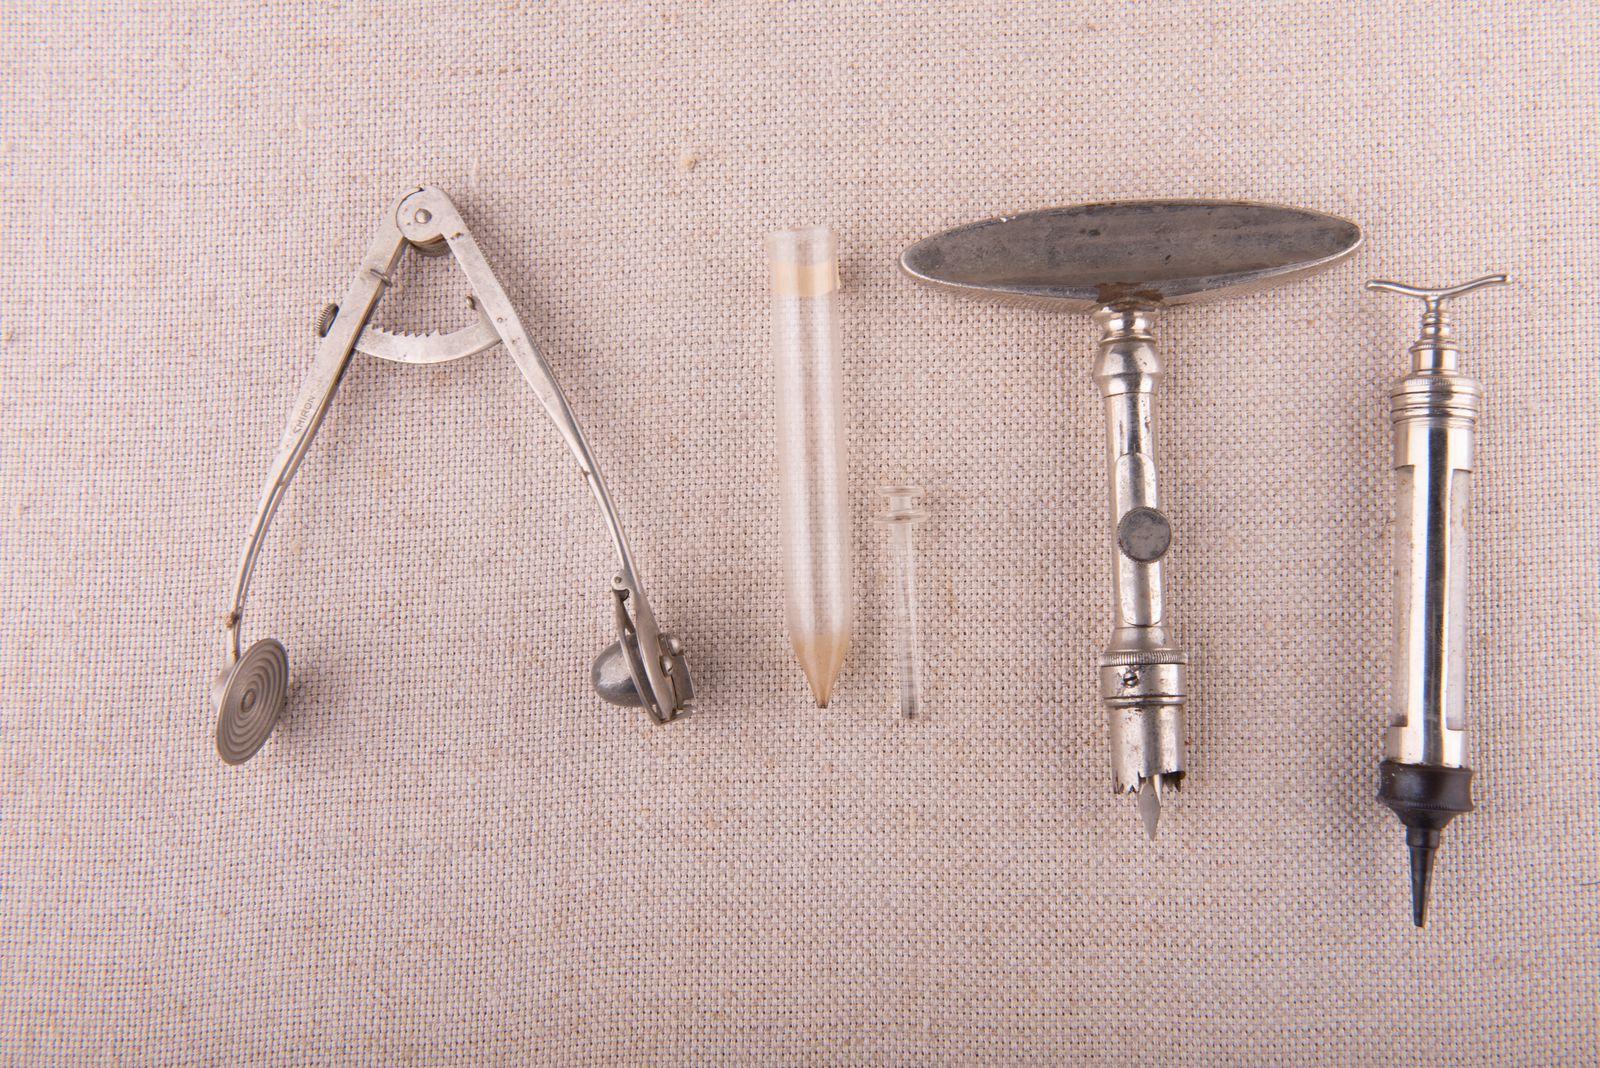 Muzei18_Инструмент за кръвоспиране, шприц, скарификатор (инструмент за пускане на кръв) и спринцовка. Инструменти от първата половина на 20-ти век